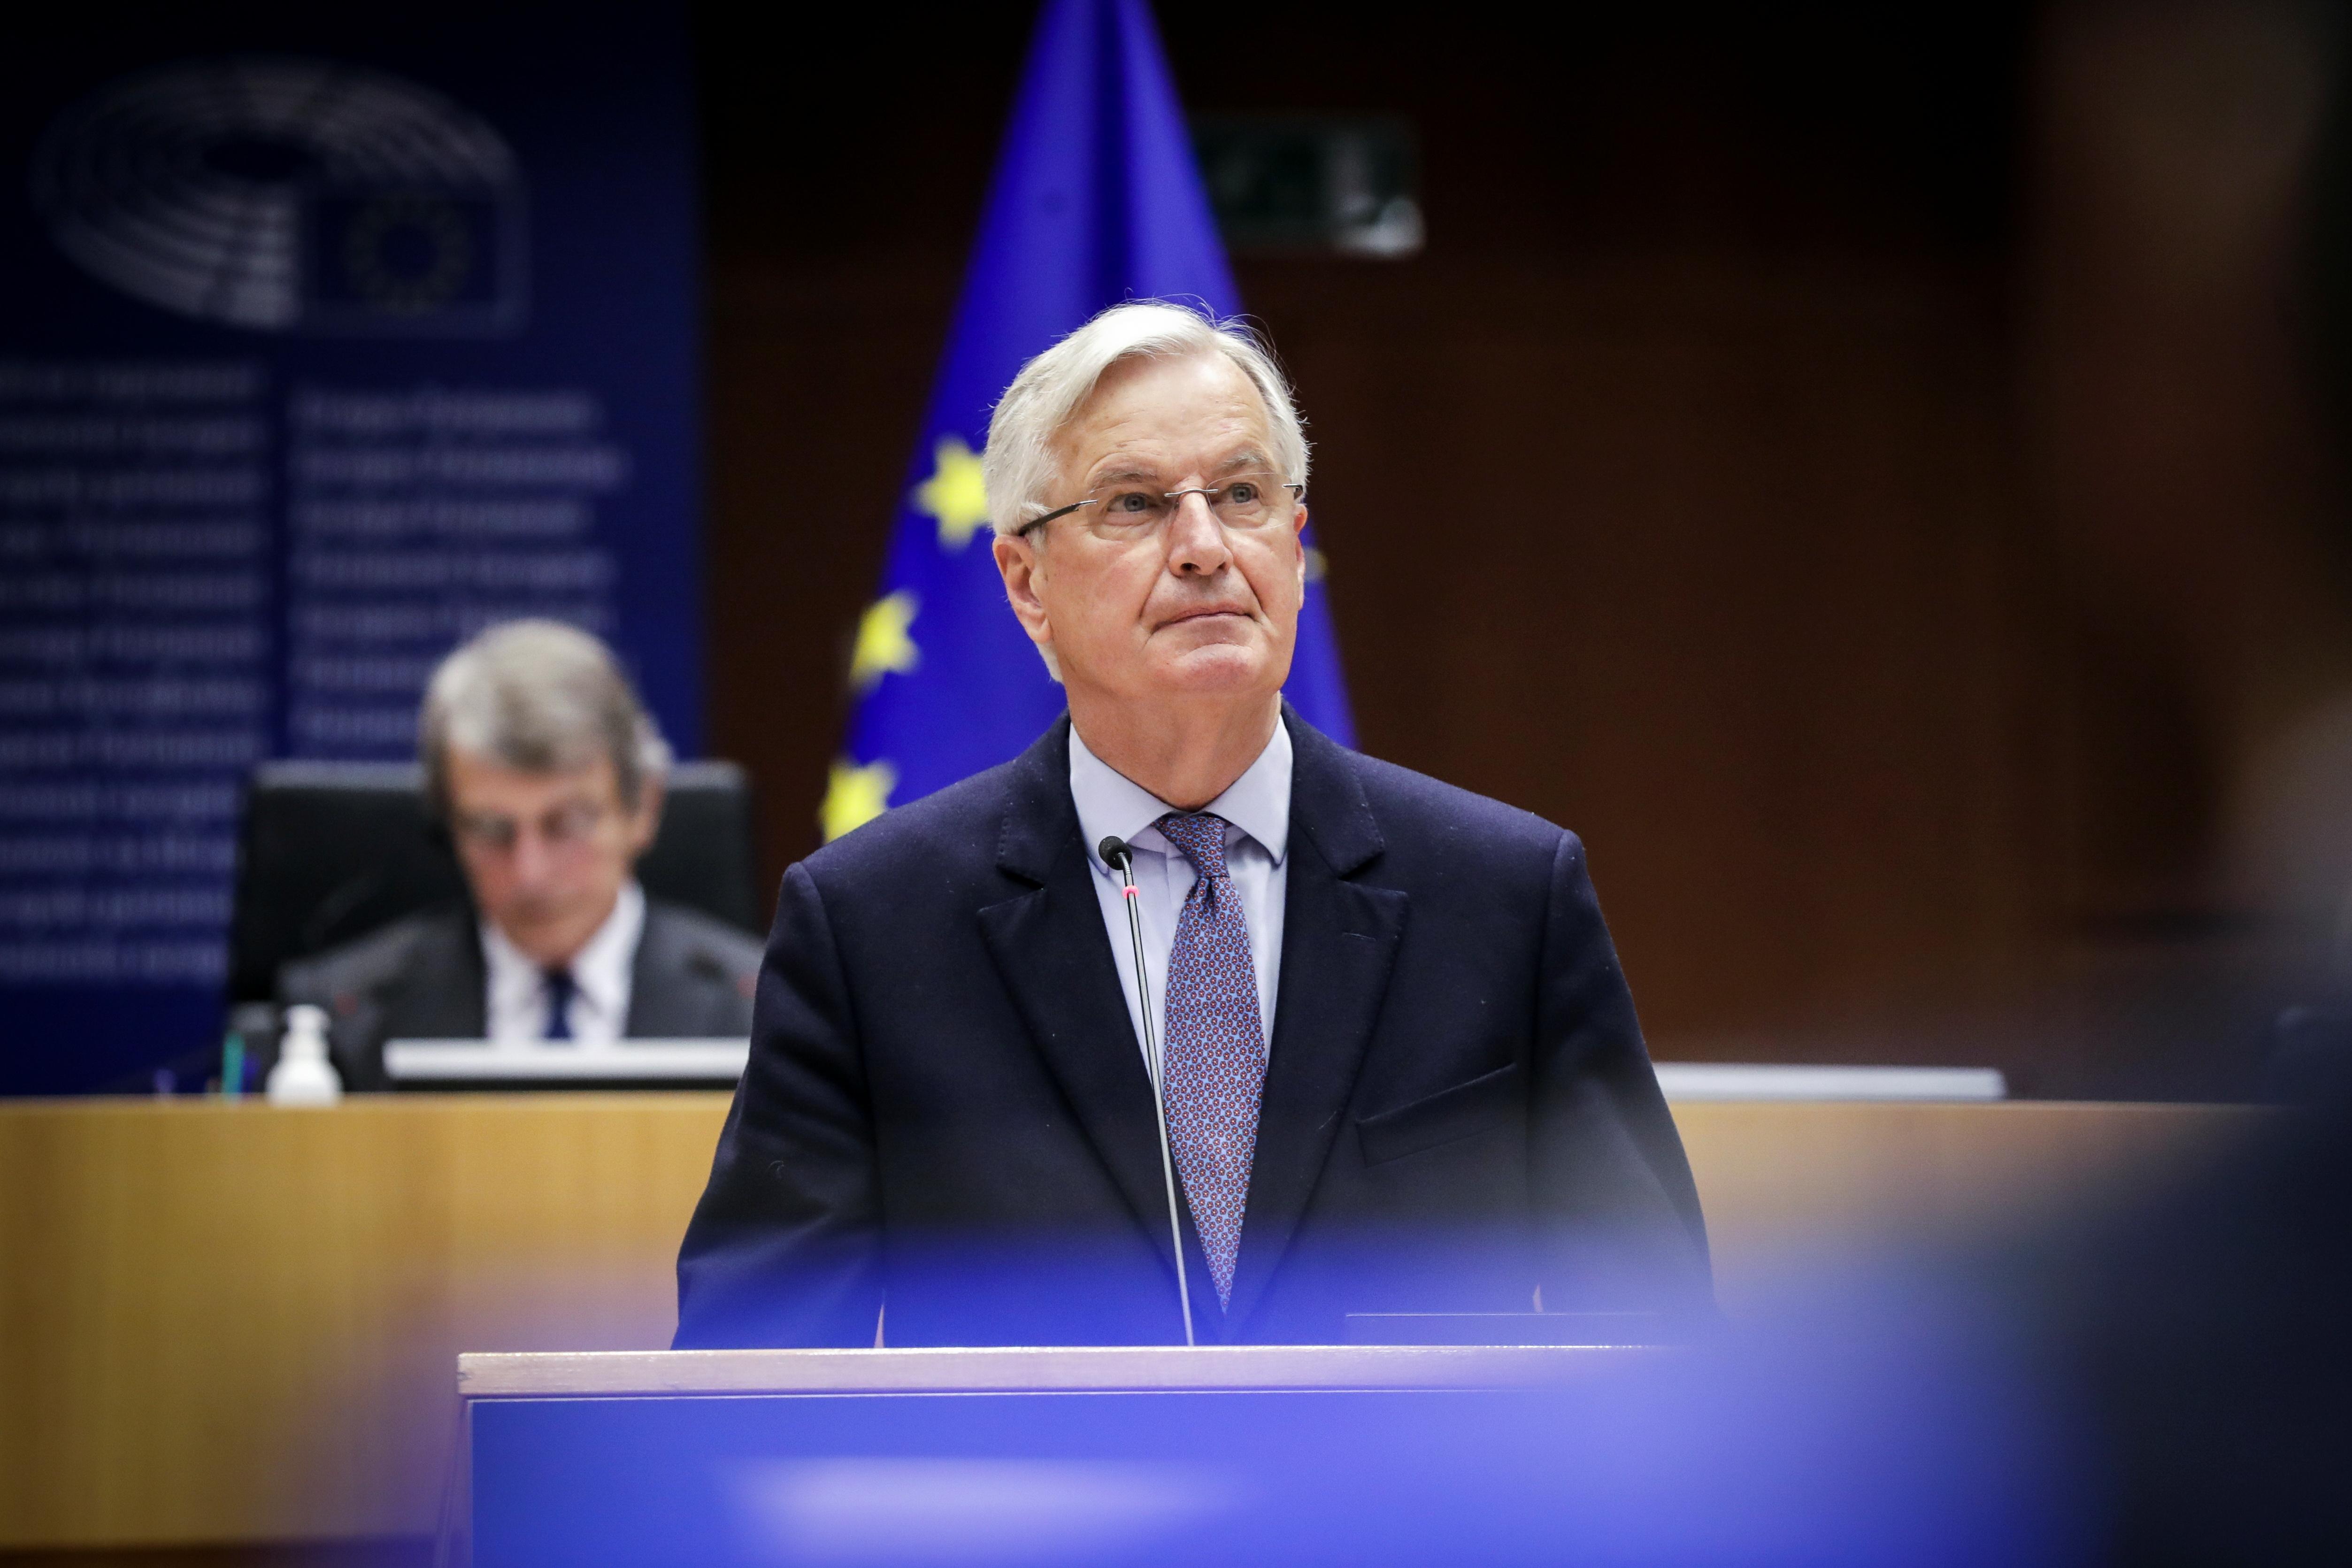 Il capo della task force per le relazioni con il Regno Unito, Michel Barnier partecipa al dibattito sull'accordo commerciale e di cooperazione UE-Regno Unito durante il secondo giorno di una sessione plenaria al Parlamento europeo a Bruxelles, Belgio, 27 aprile 2021. Olivier Hoslet/Pool via REUTERS